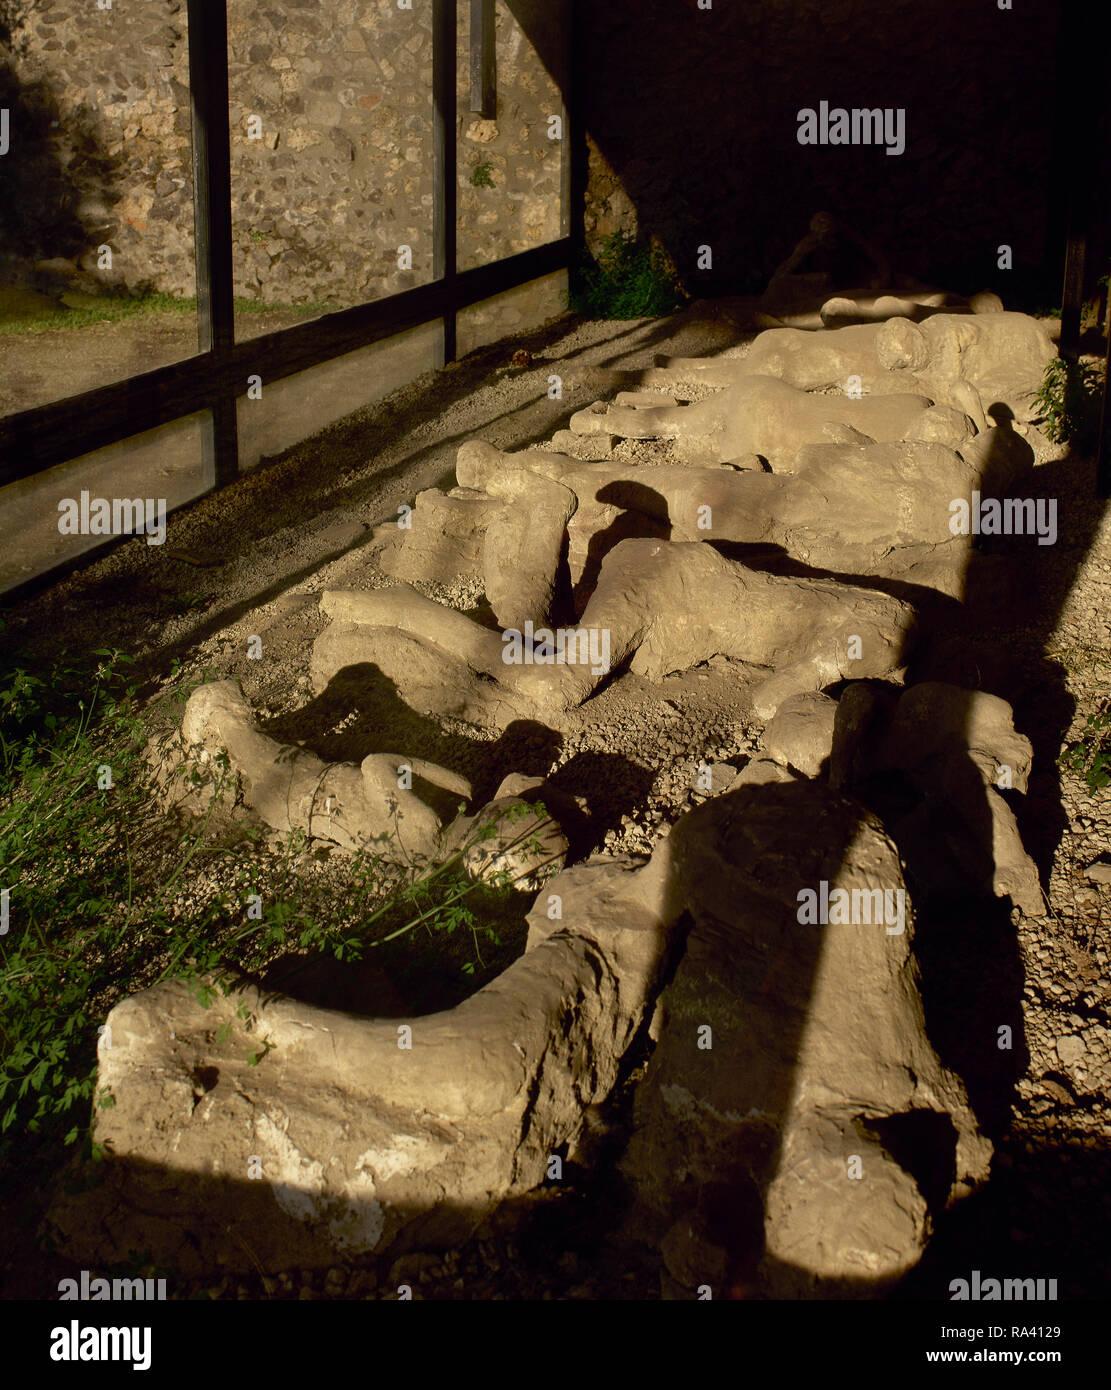 L'Italia. Pompei. Calchi in Gesso di vittima degli organismi presso il giardino dei latitanti. I corpi di 13 persone che furono sepolti dalle ceneri mentre cercavano di fuggire Pompei durante la 79 ad eruzione del Vesuvio. Campania. Immagini Stock